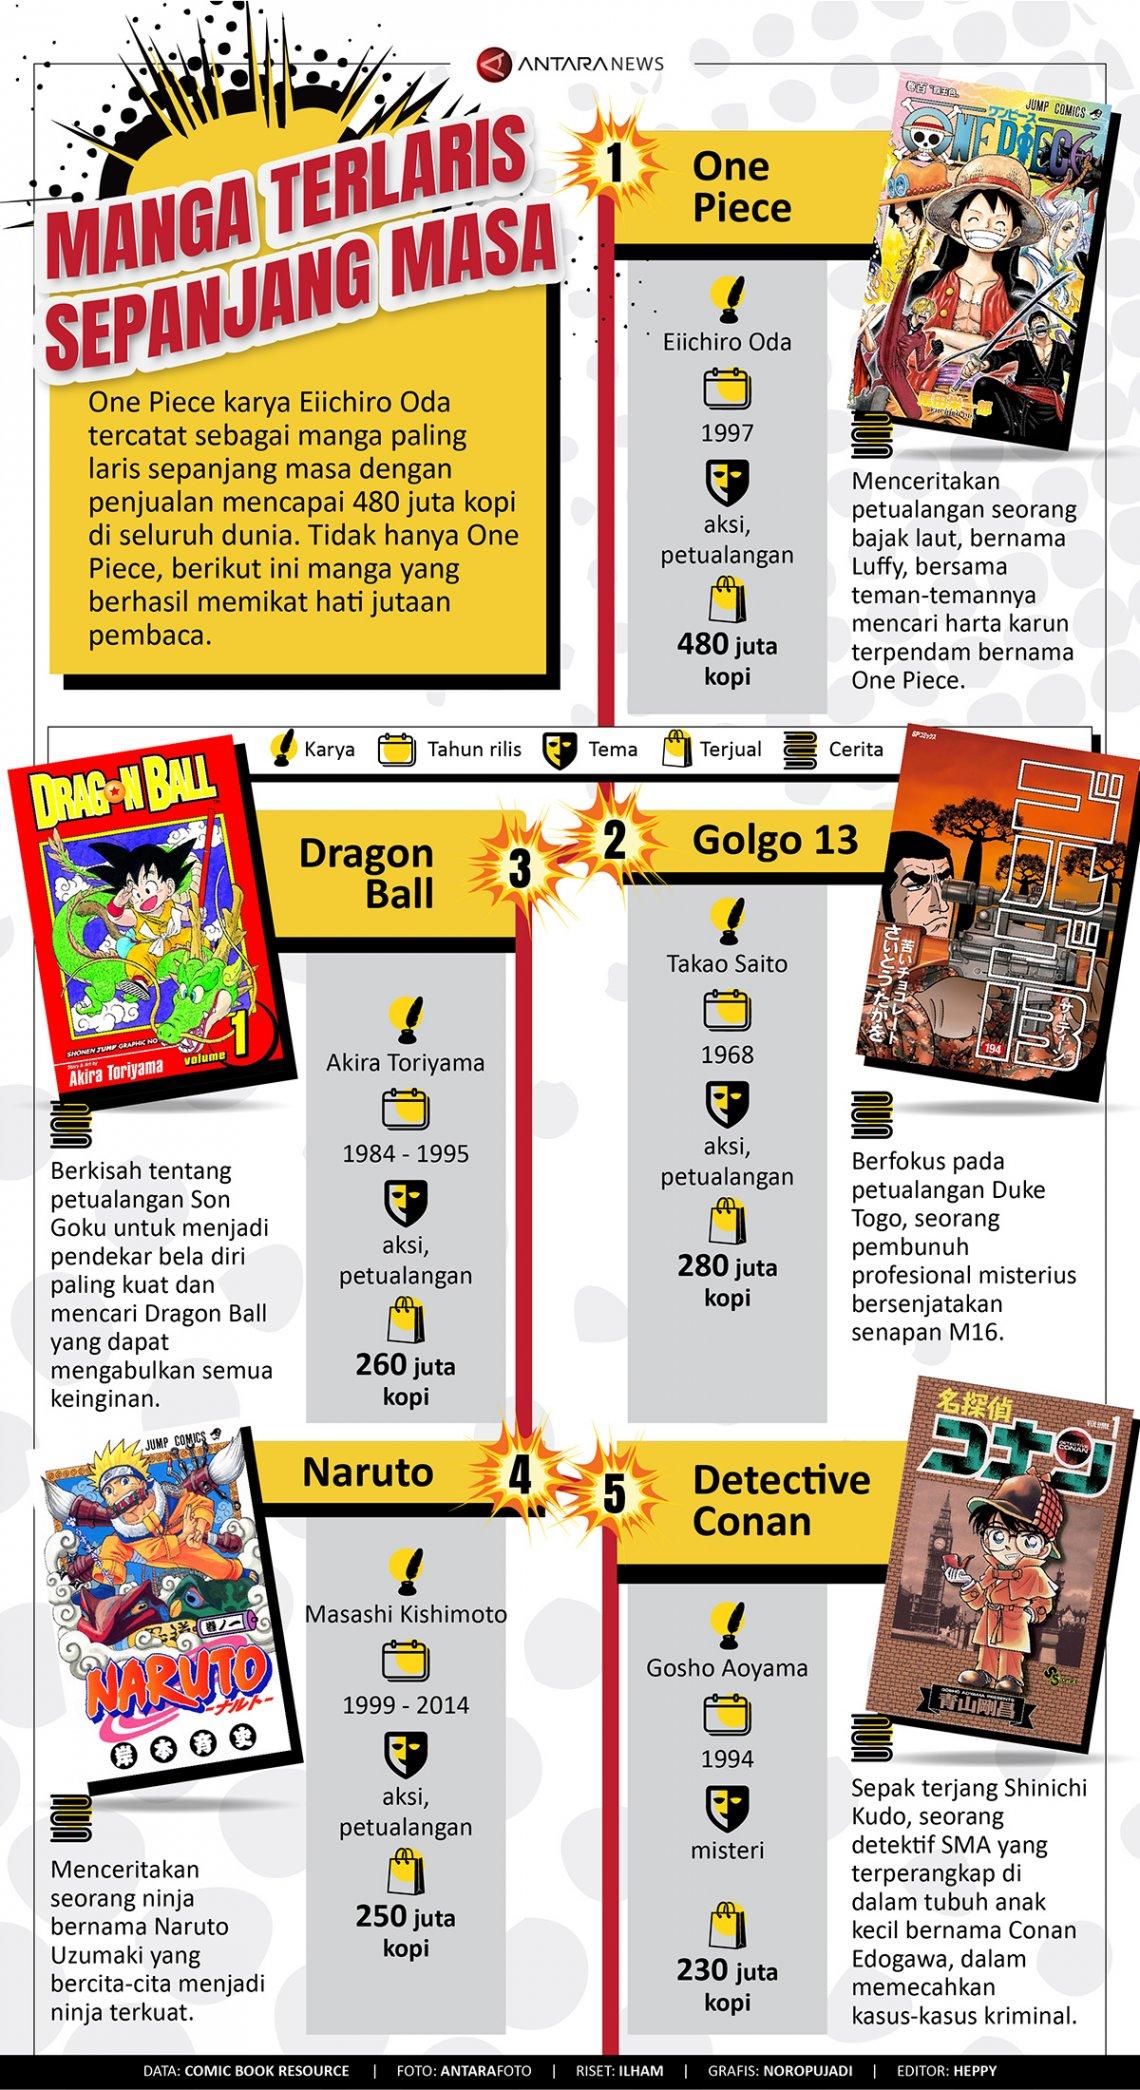 Manga terlaris sepanjang masa